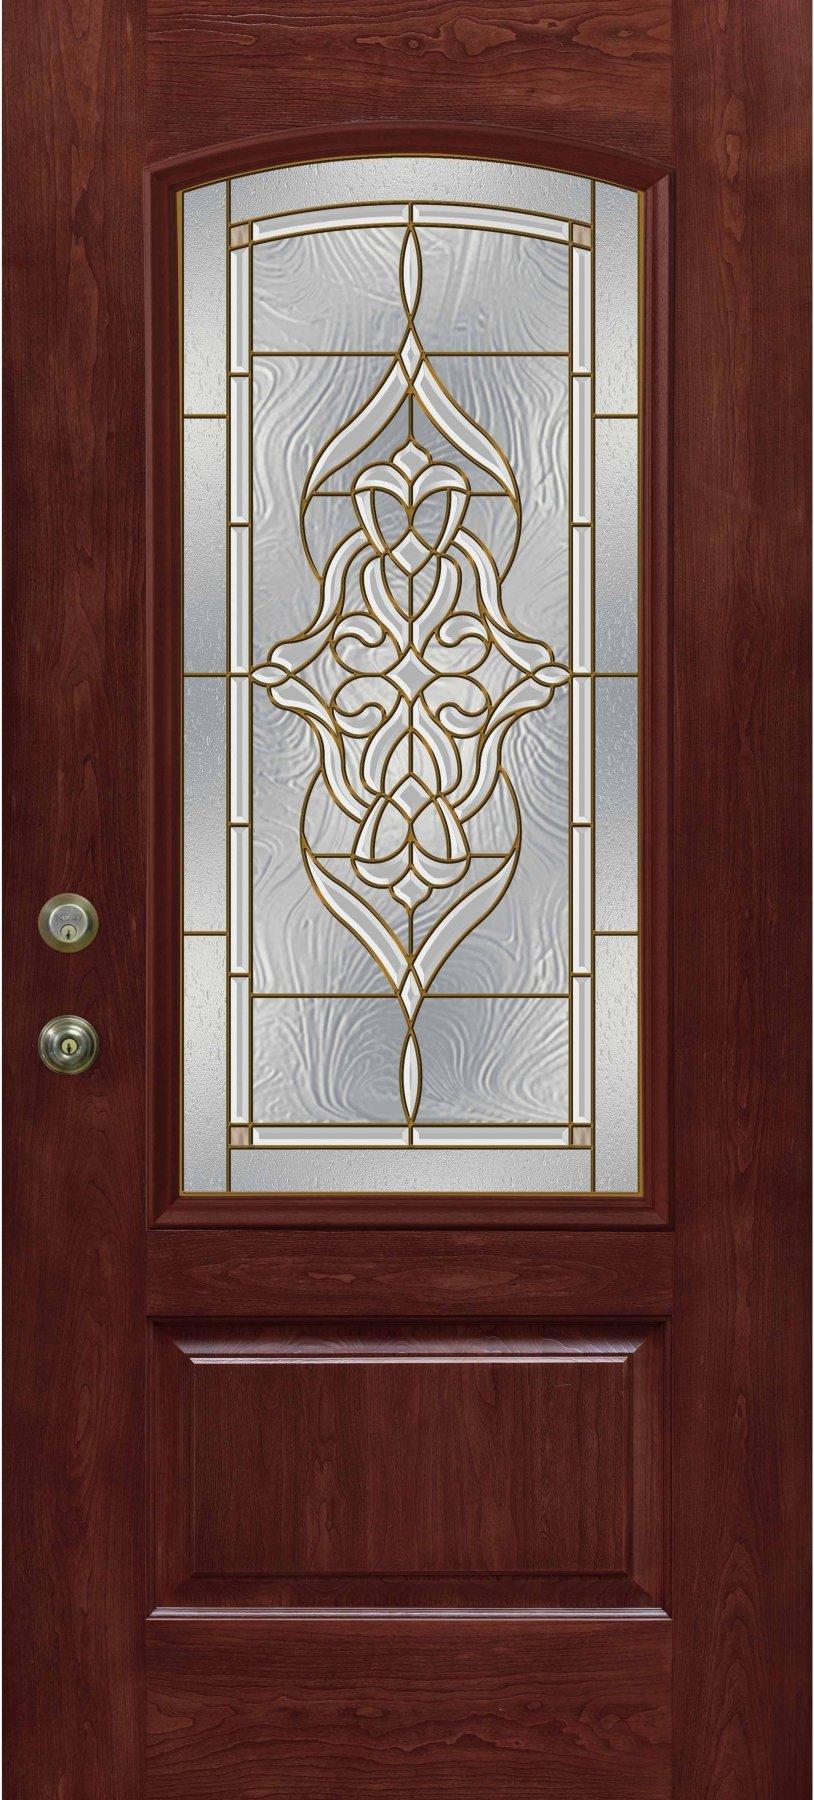 Buffalo, NY Decorative Glass Doors